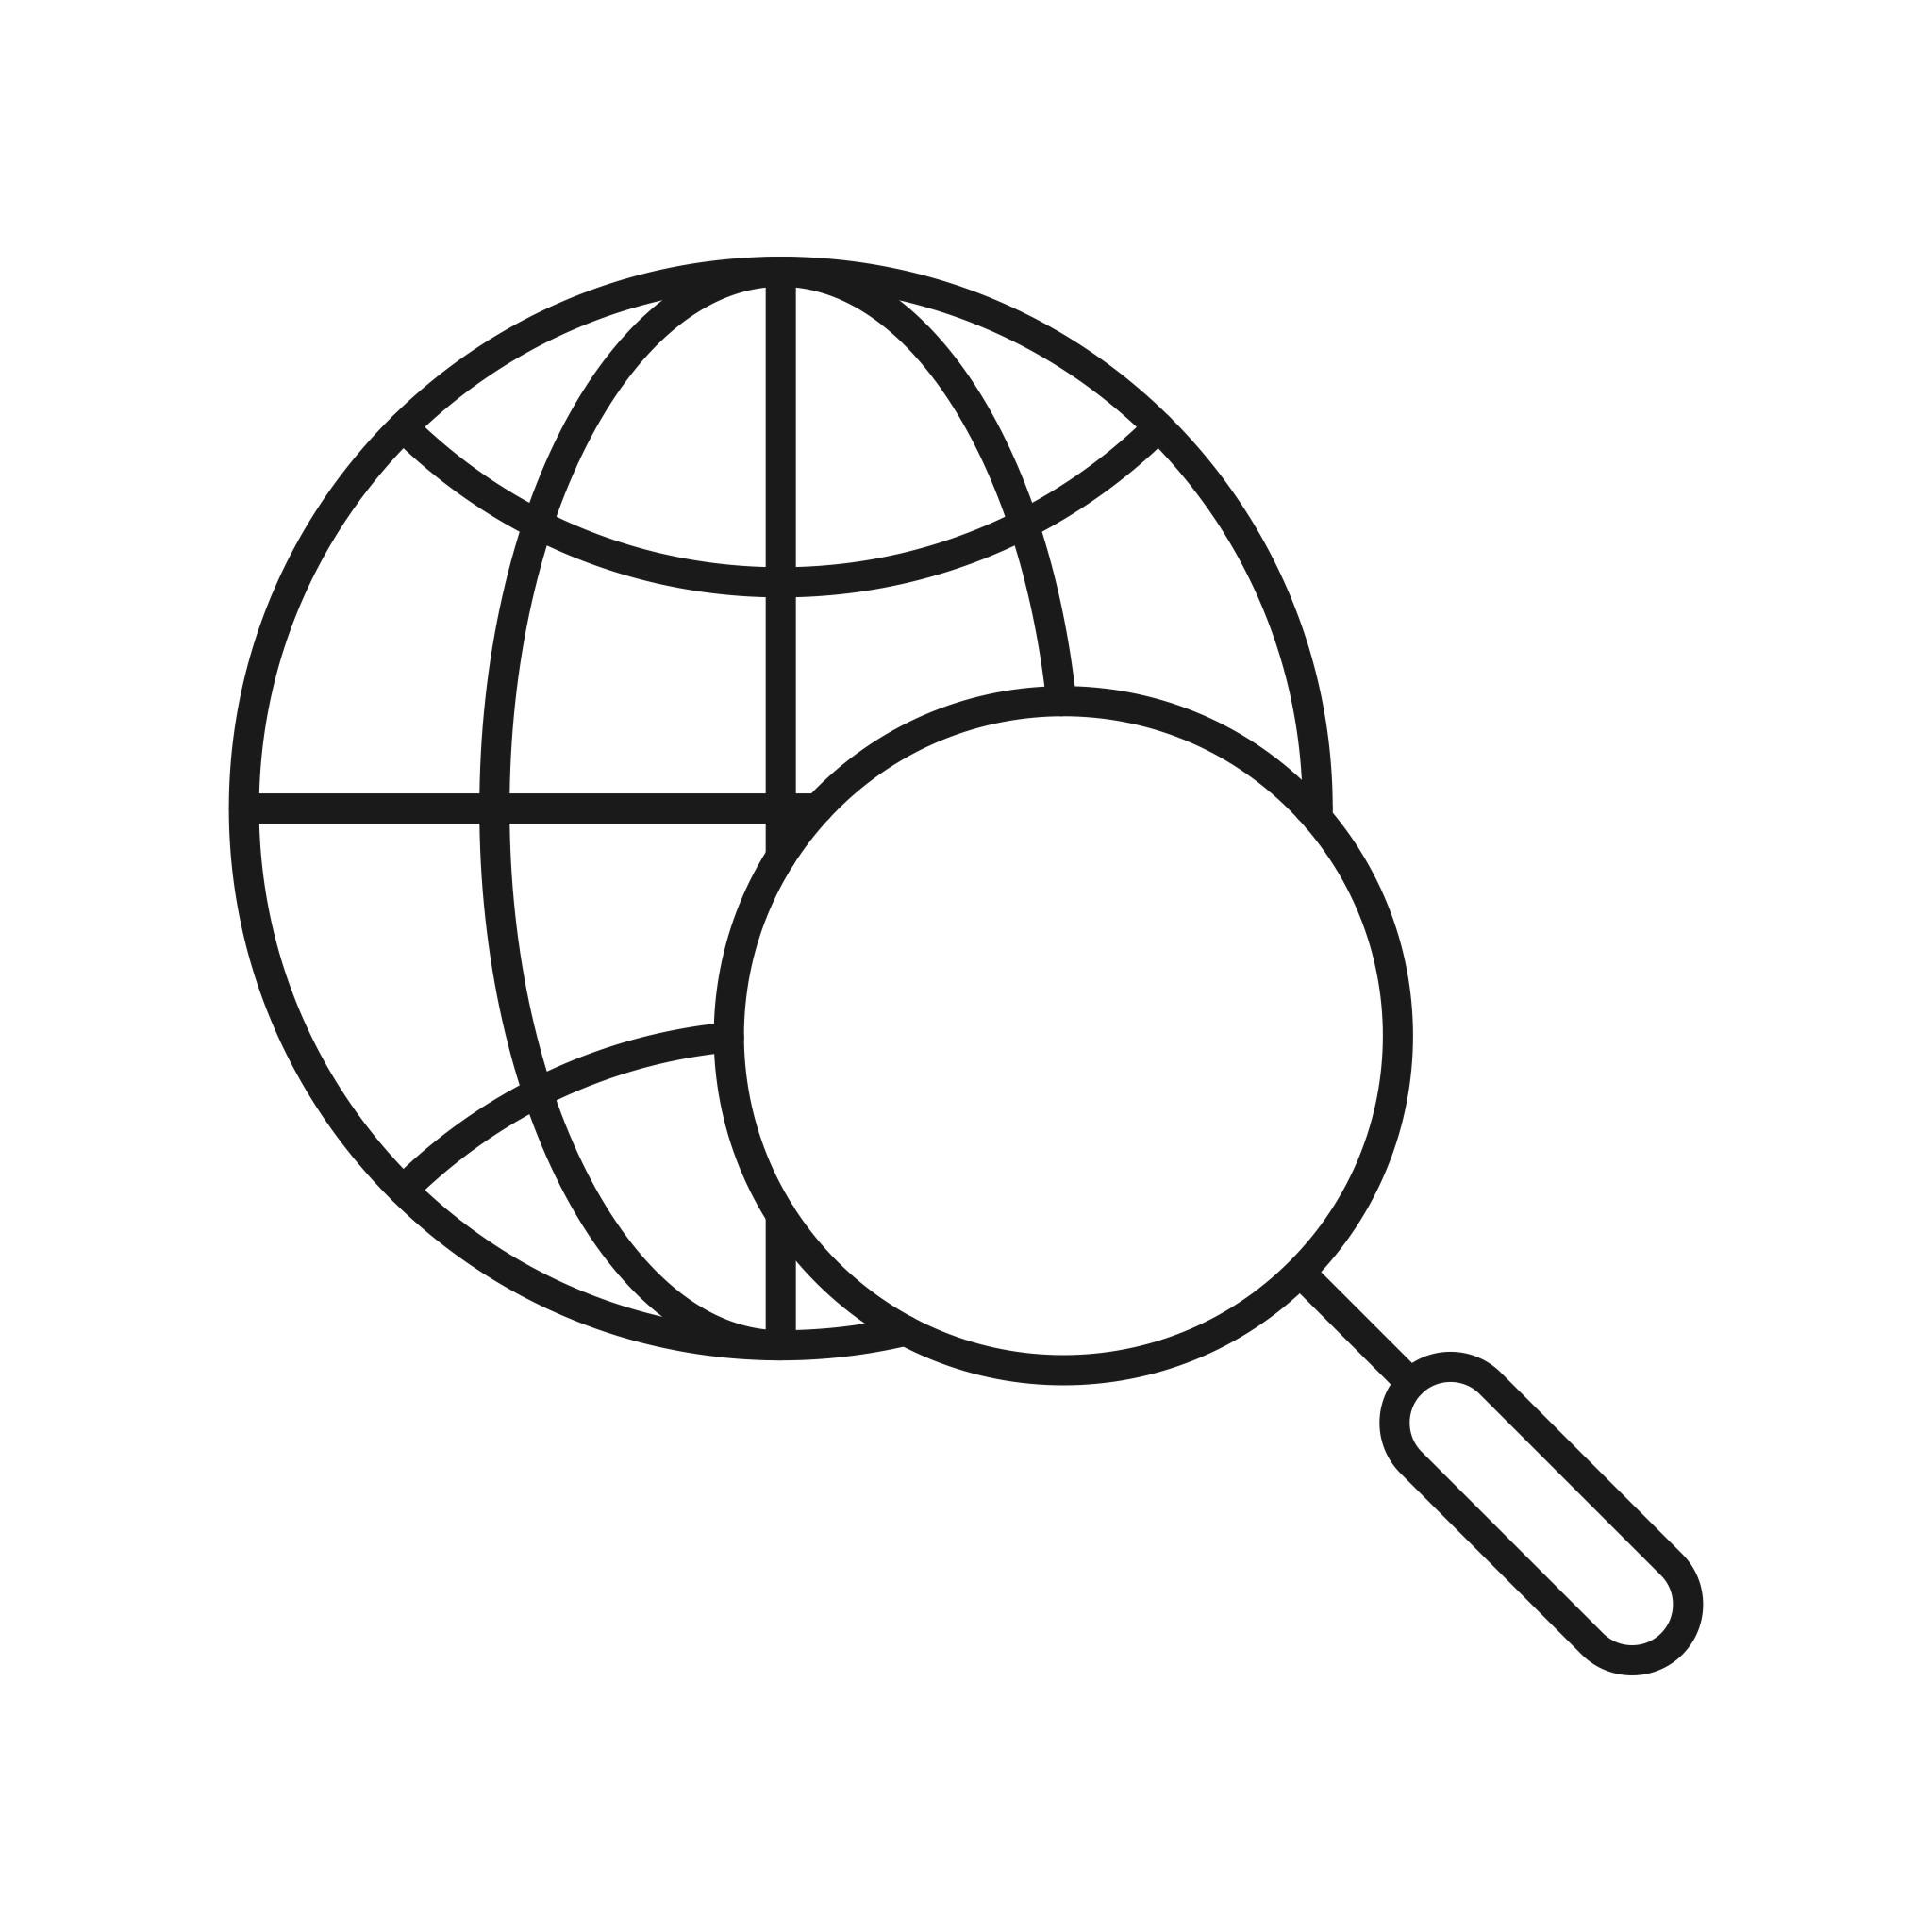 Internet Search Seo Line Icon